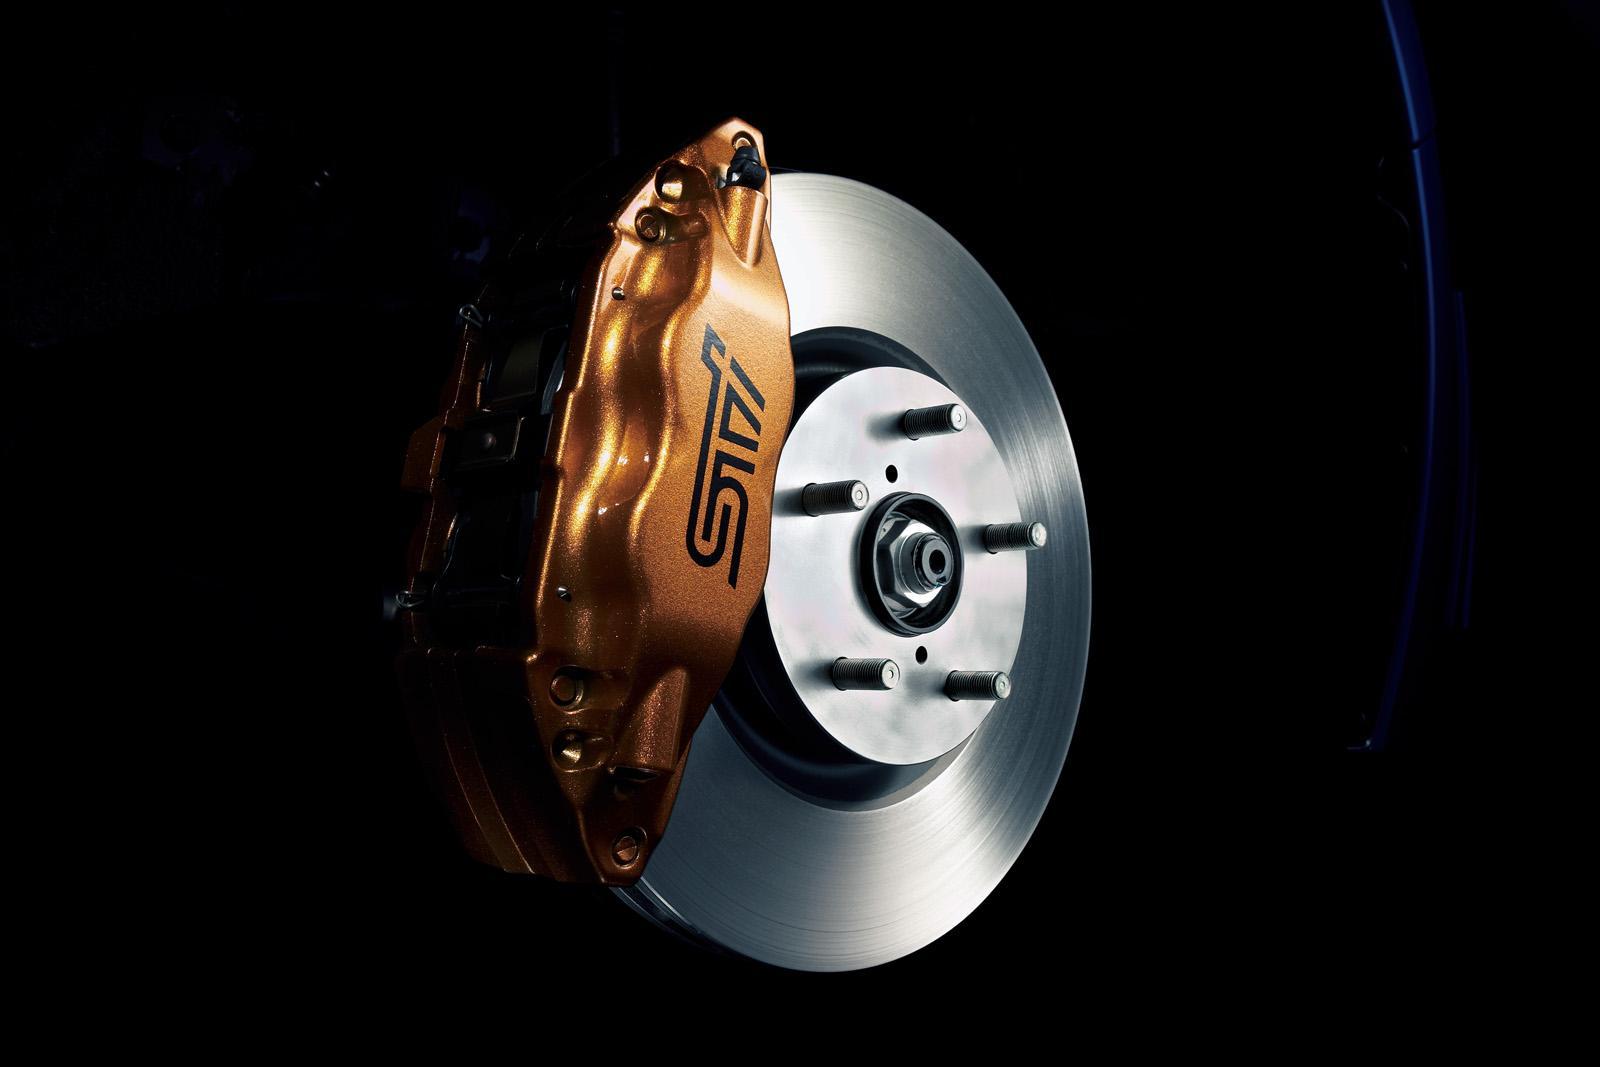 2011 Subaru Impreza WRX STI Spec C - фотография №11